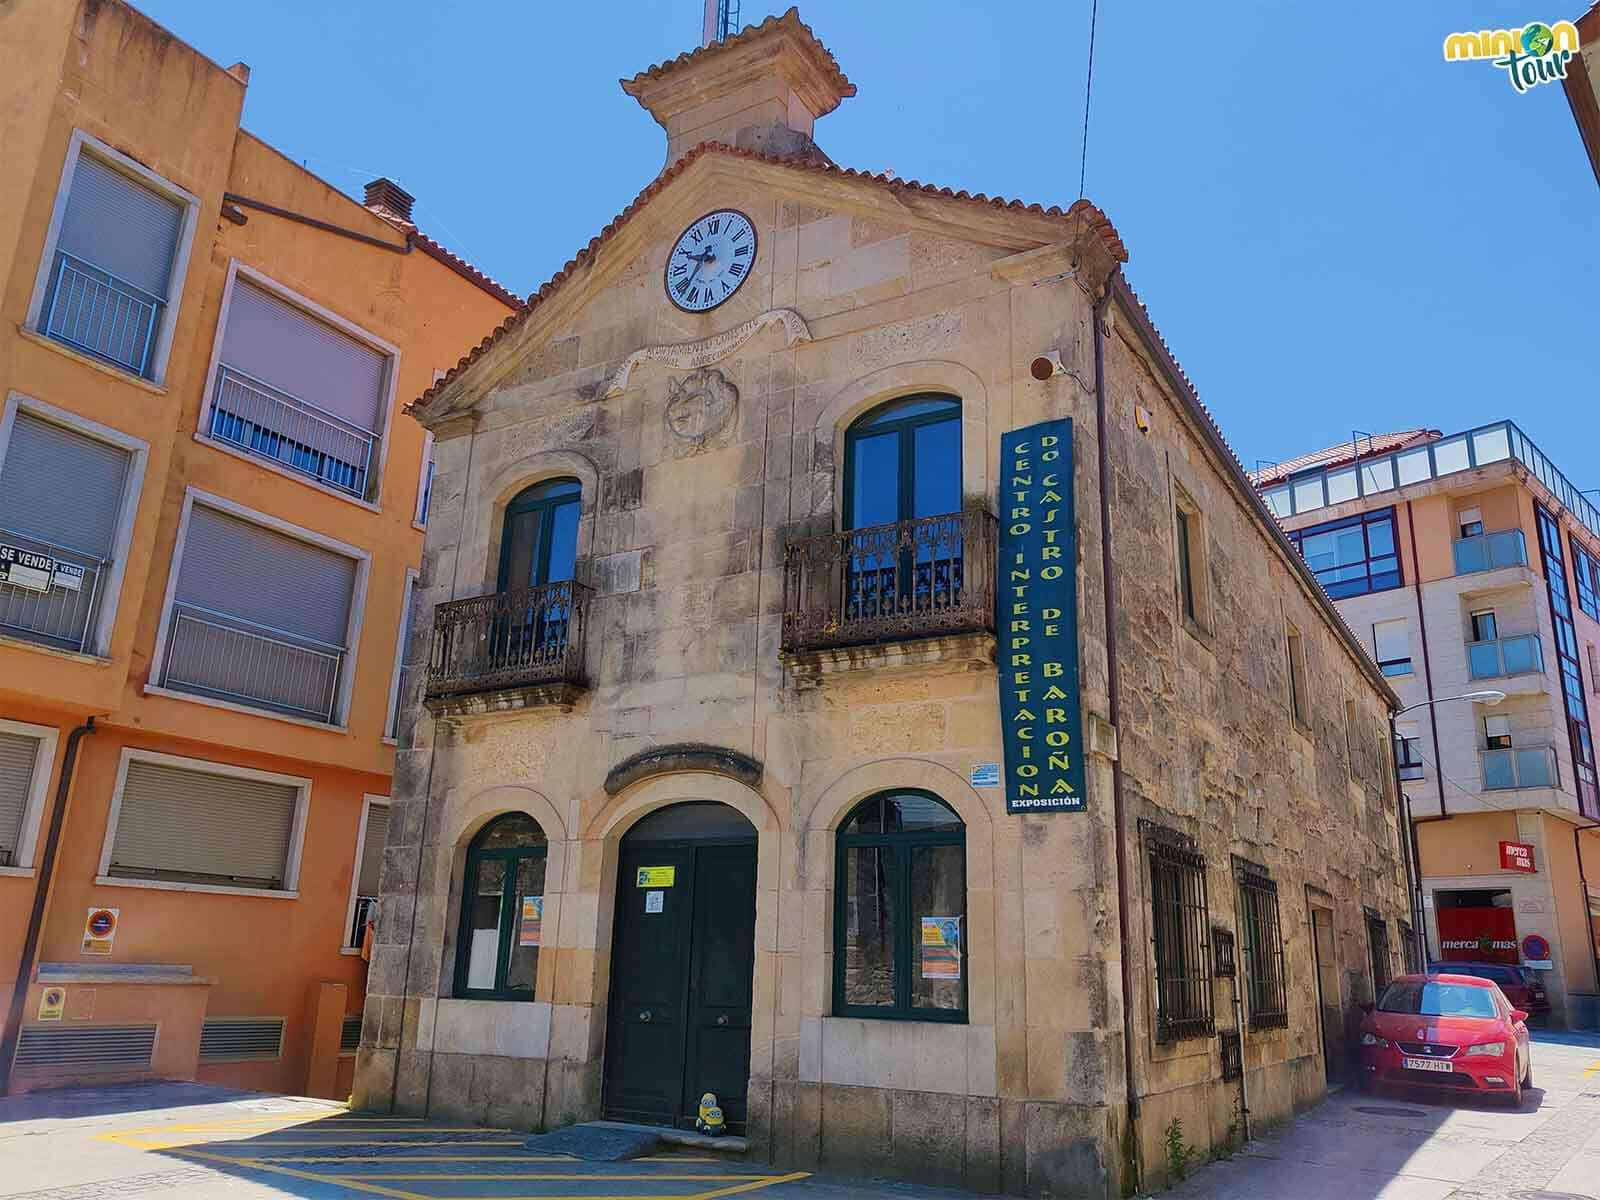 Este es uno de los museos que ver en la Ría de Muros y Noia